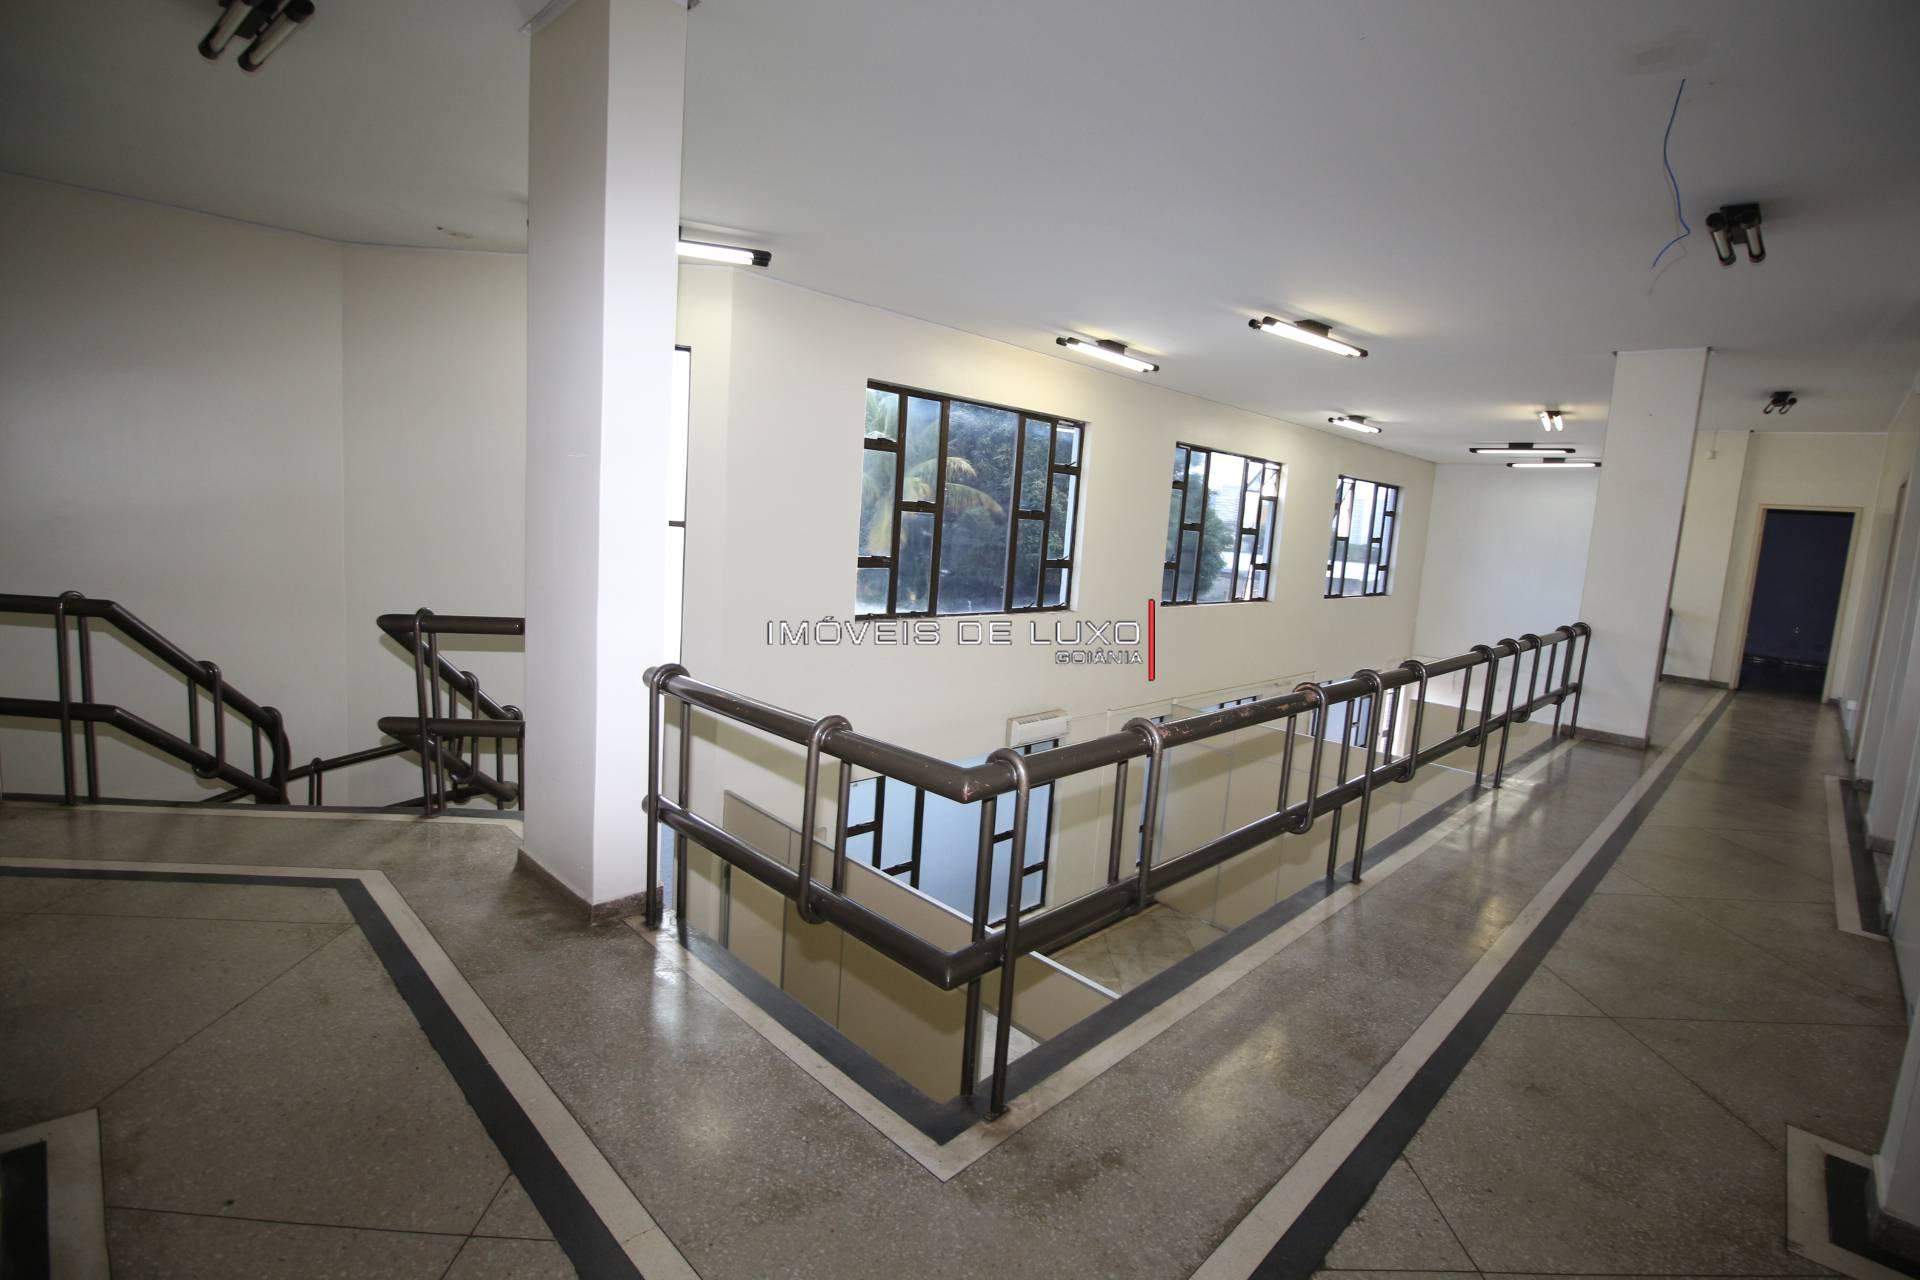 Imóveis de Luxo - Prédio Comercial na T 10 com 4 Pavimentos